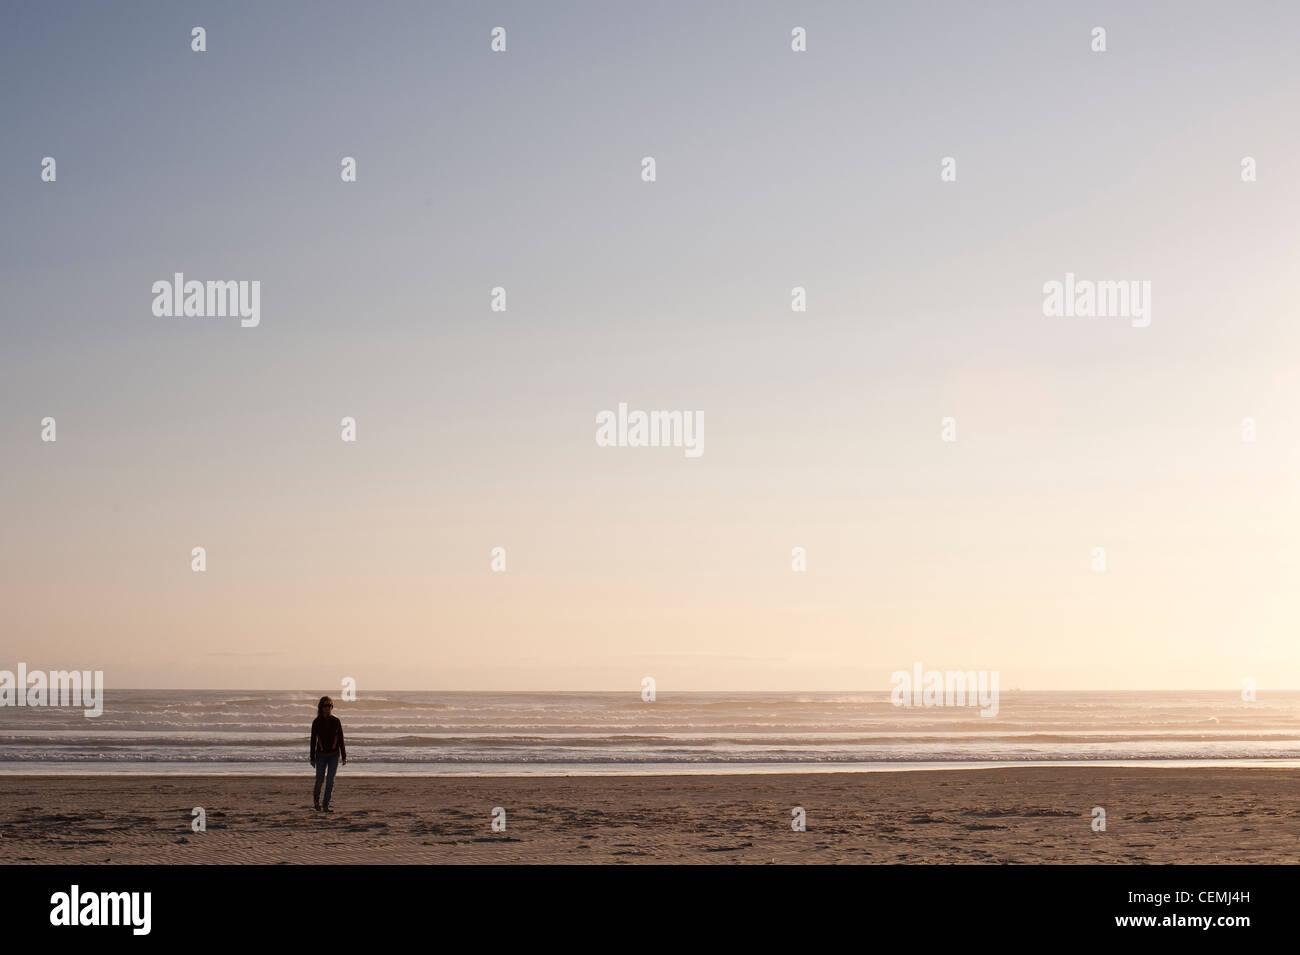 Woman walking along ocean beach alone in tranquil scene - Stock Image